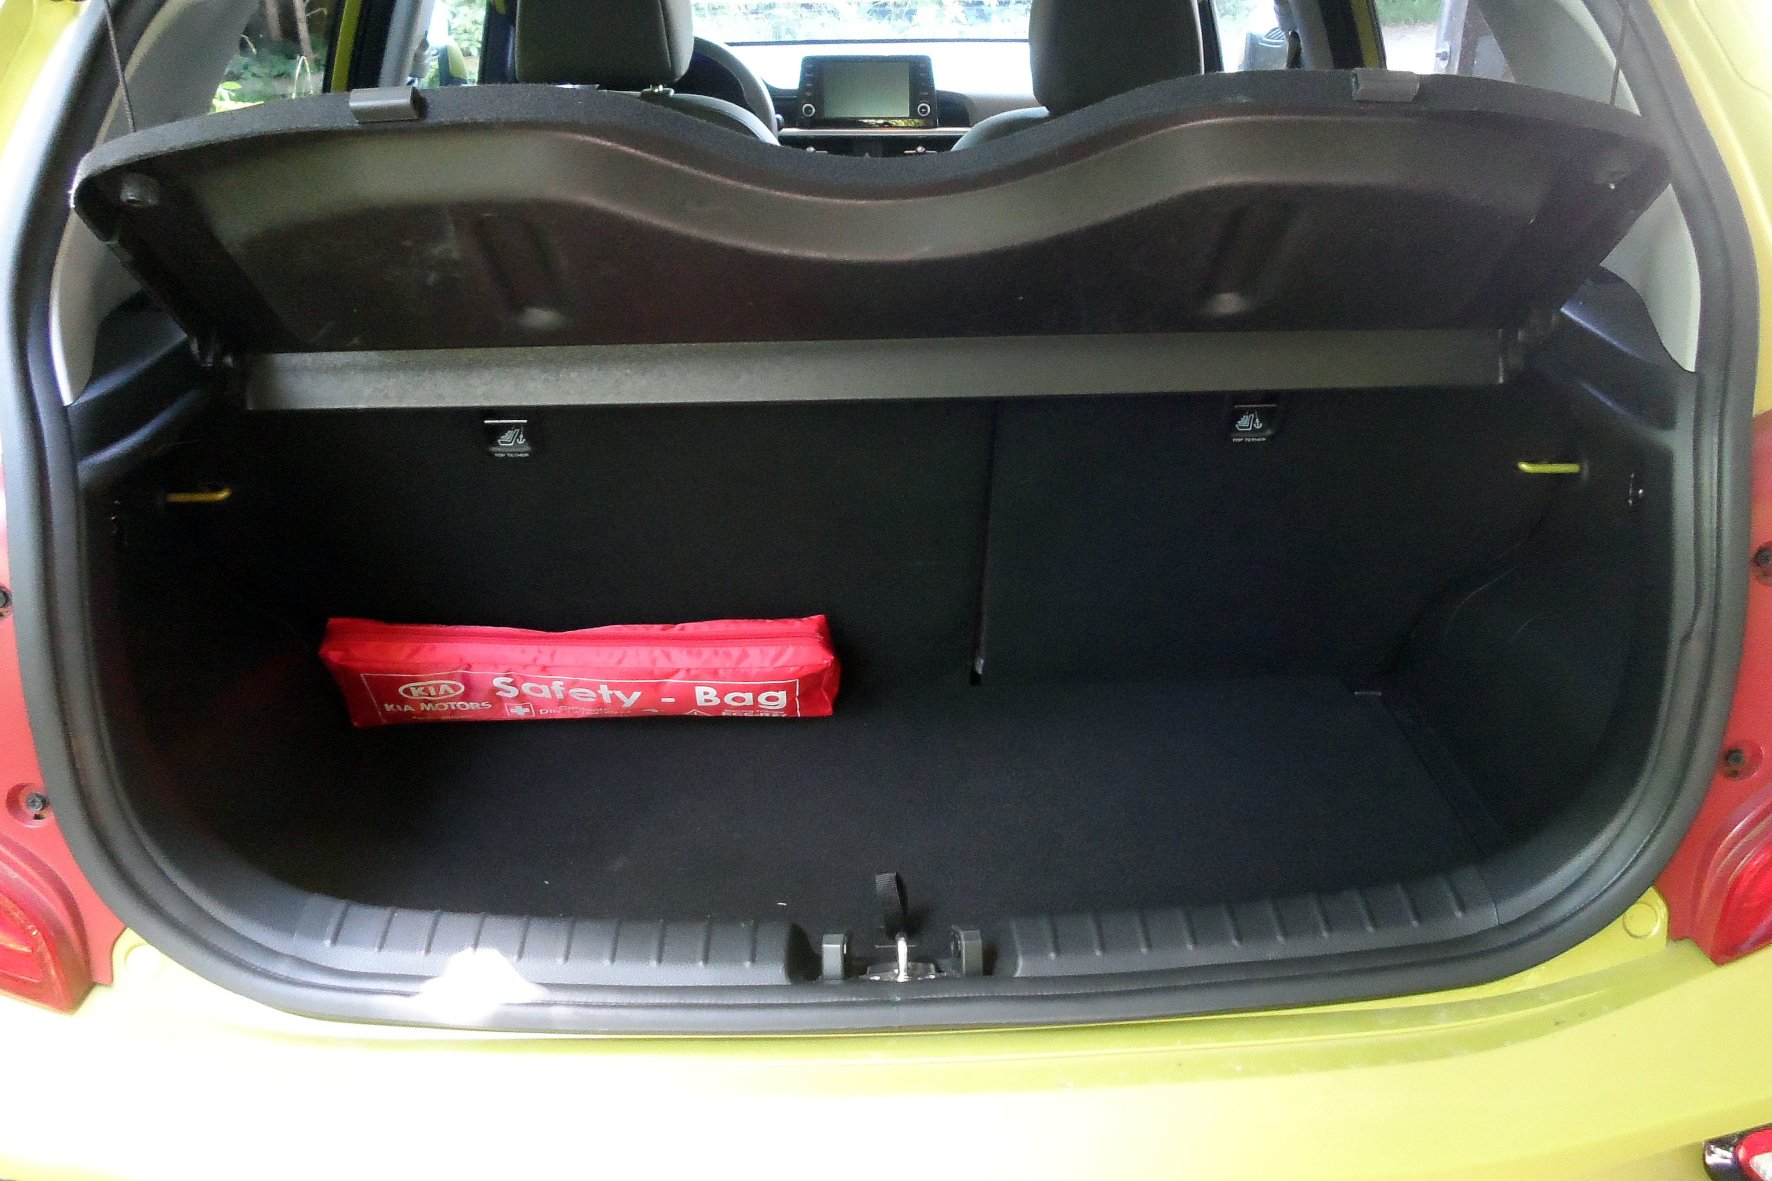 Vergleichsweise geräumig: Der Kofferraum des kleinsten Kia fasst bis zu 1.010 Liter.